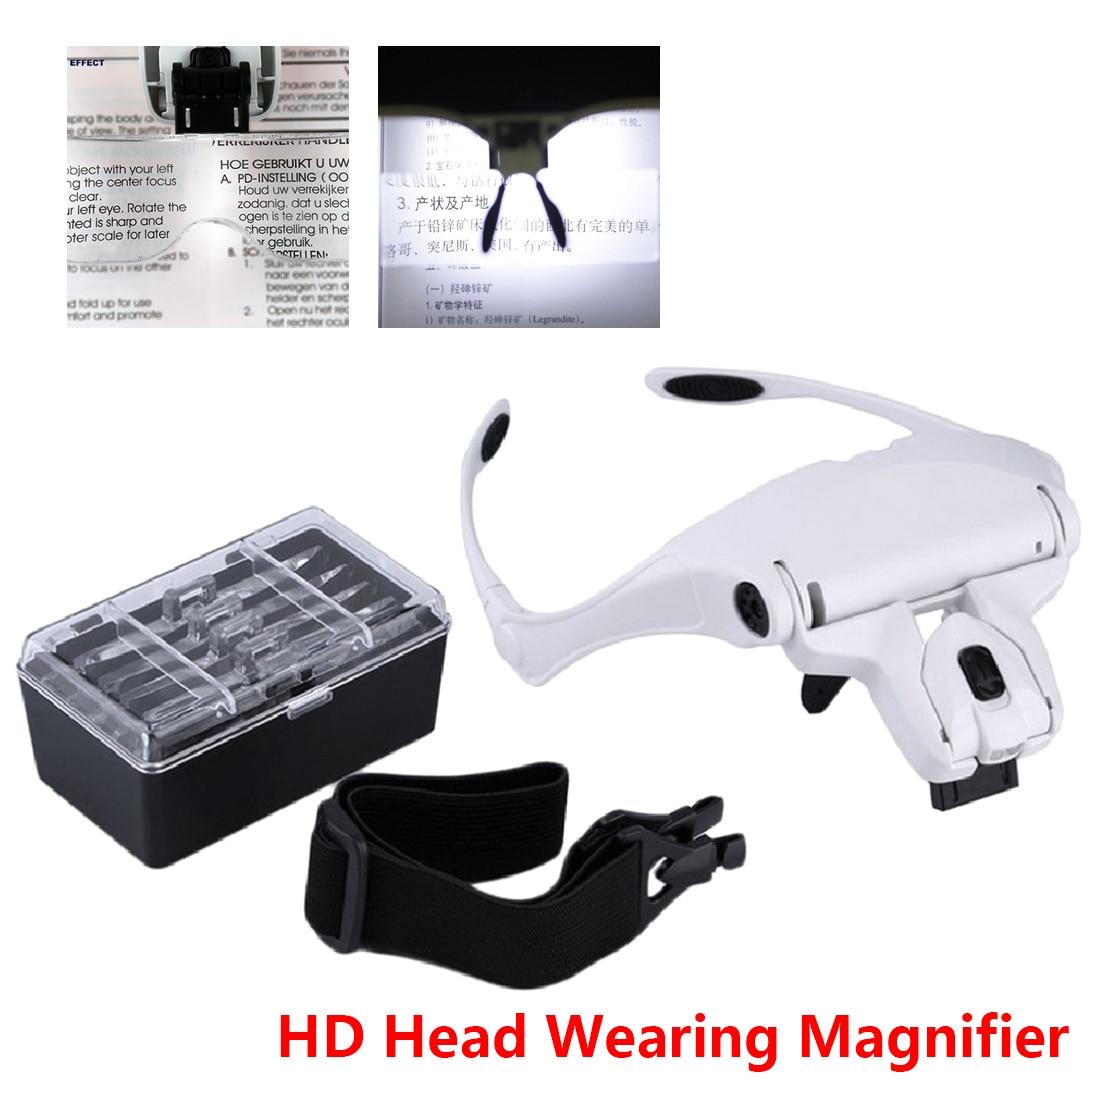 Diadema lupa creativa 1,0X1,5X3,5X2,5X2,0X5 lente lupelupa ajustable con lupa LED